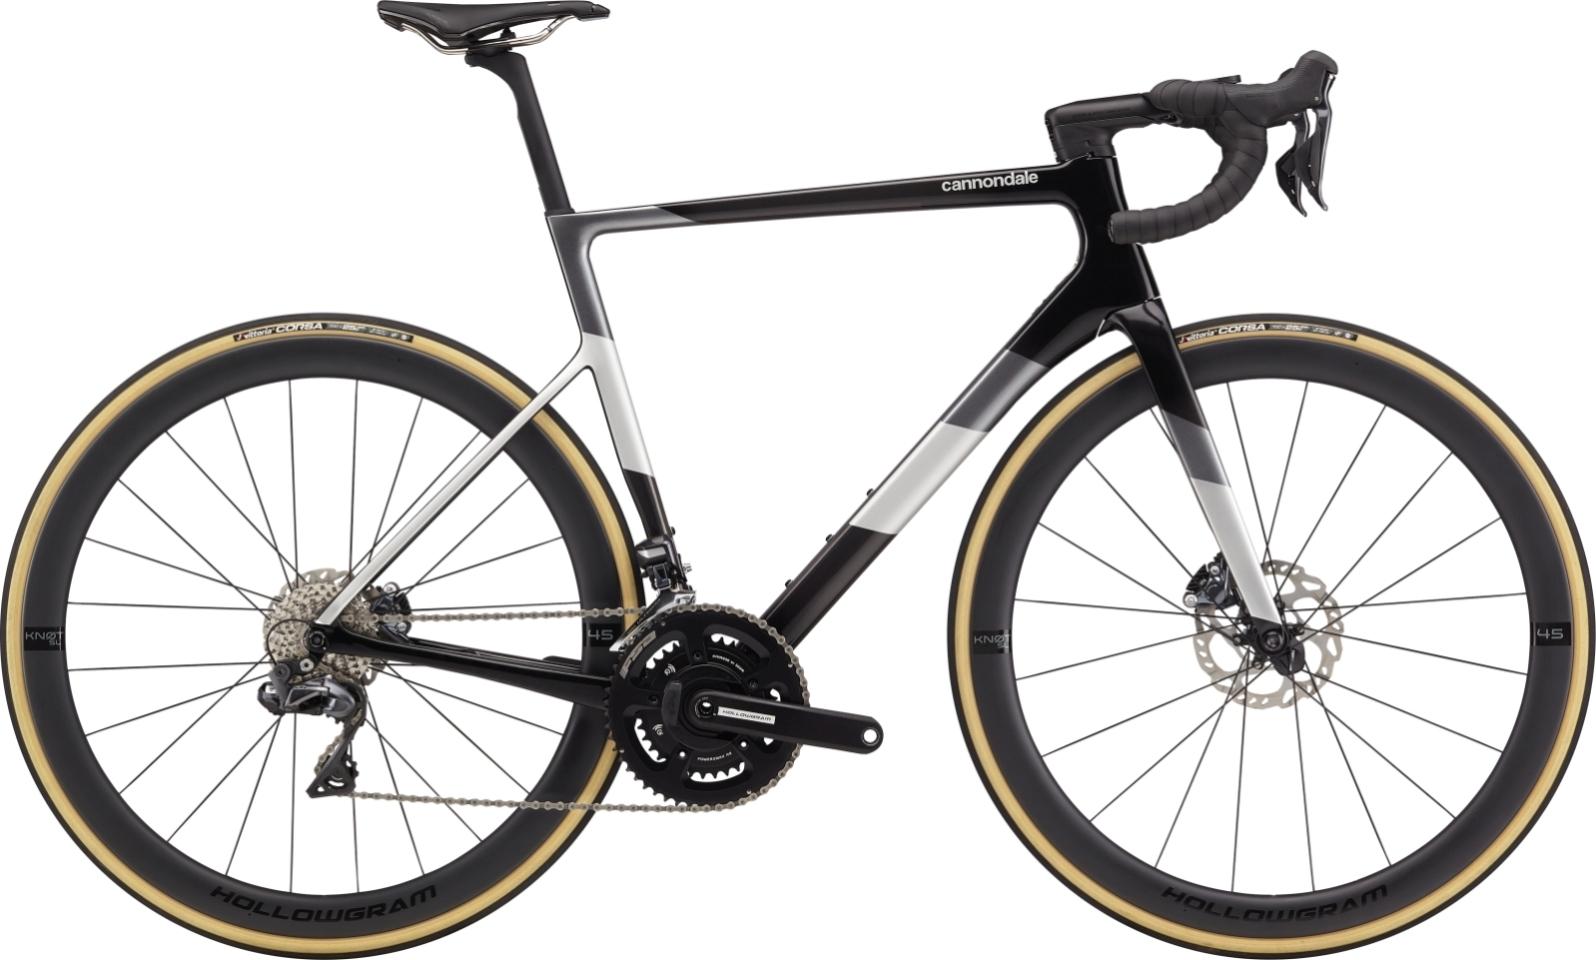 Cannondale Super Six Evo Hi-Mod Disc Ultegra Di2 országúti kerékpár - fekete - 58 cm (2020)